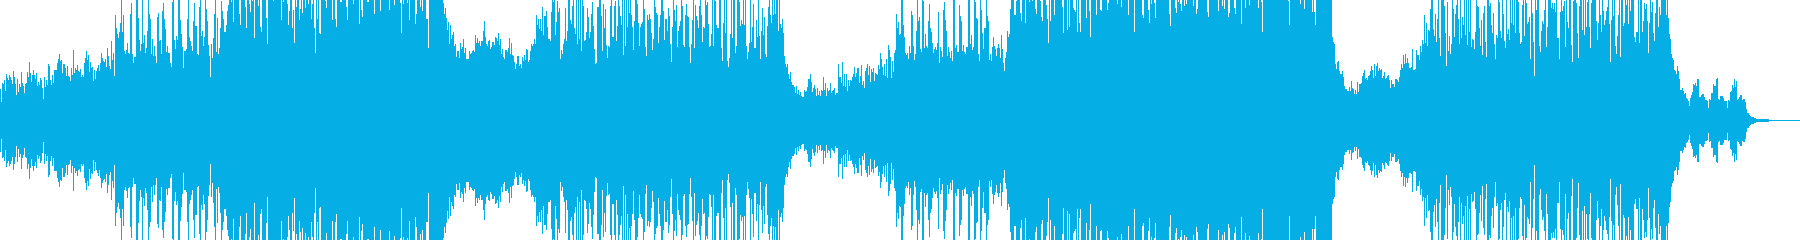 近未来・シックな変拍子R&Bポップ 長尺の再生済みの波形